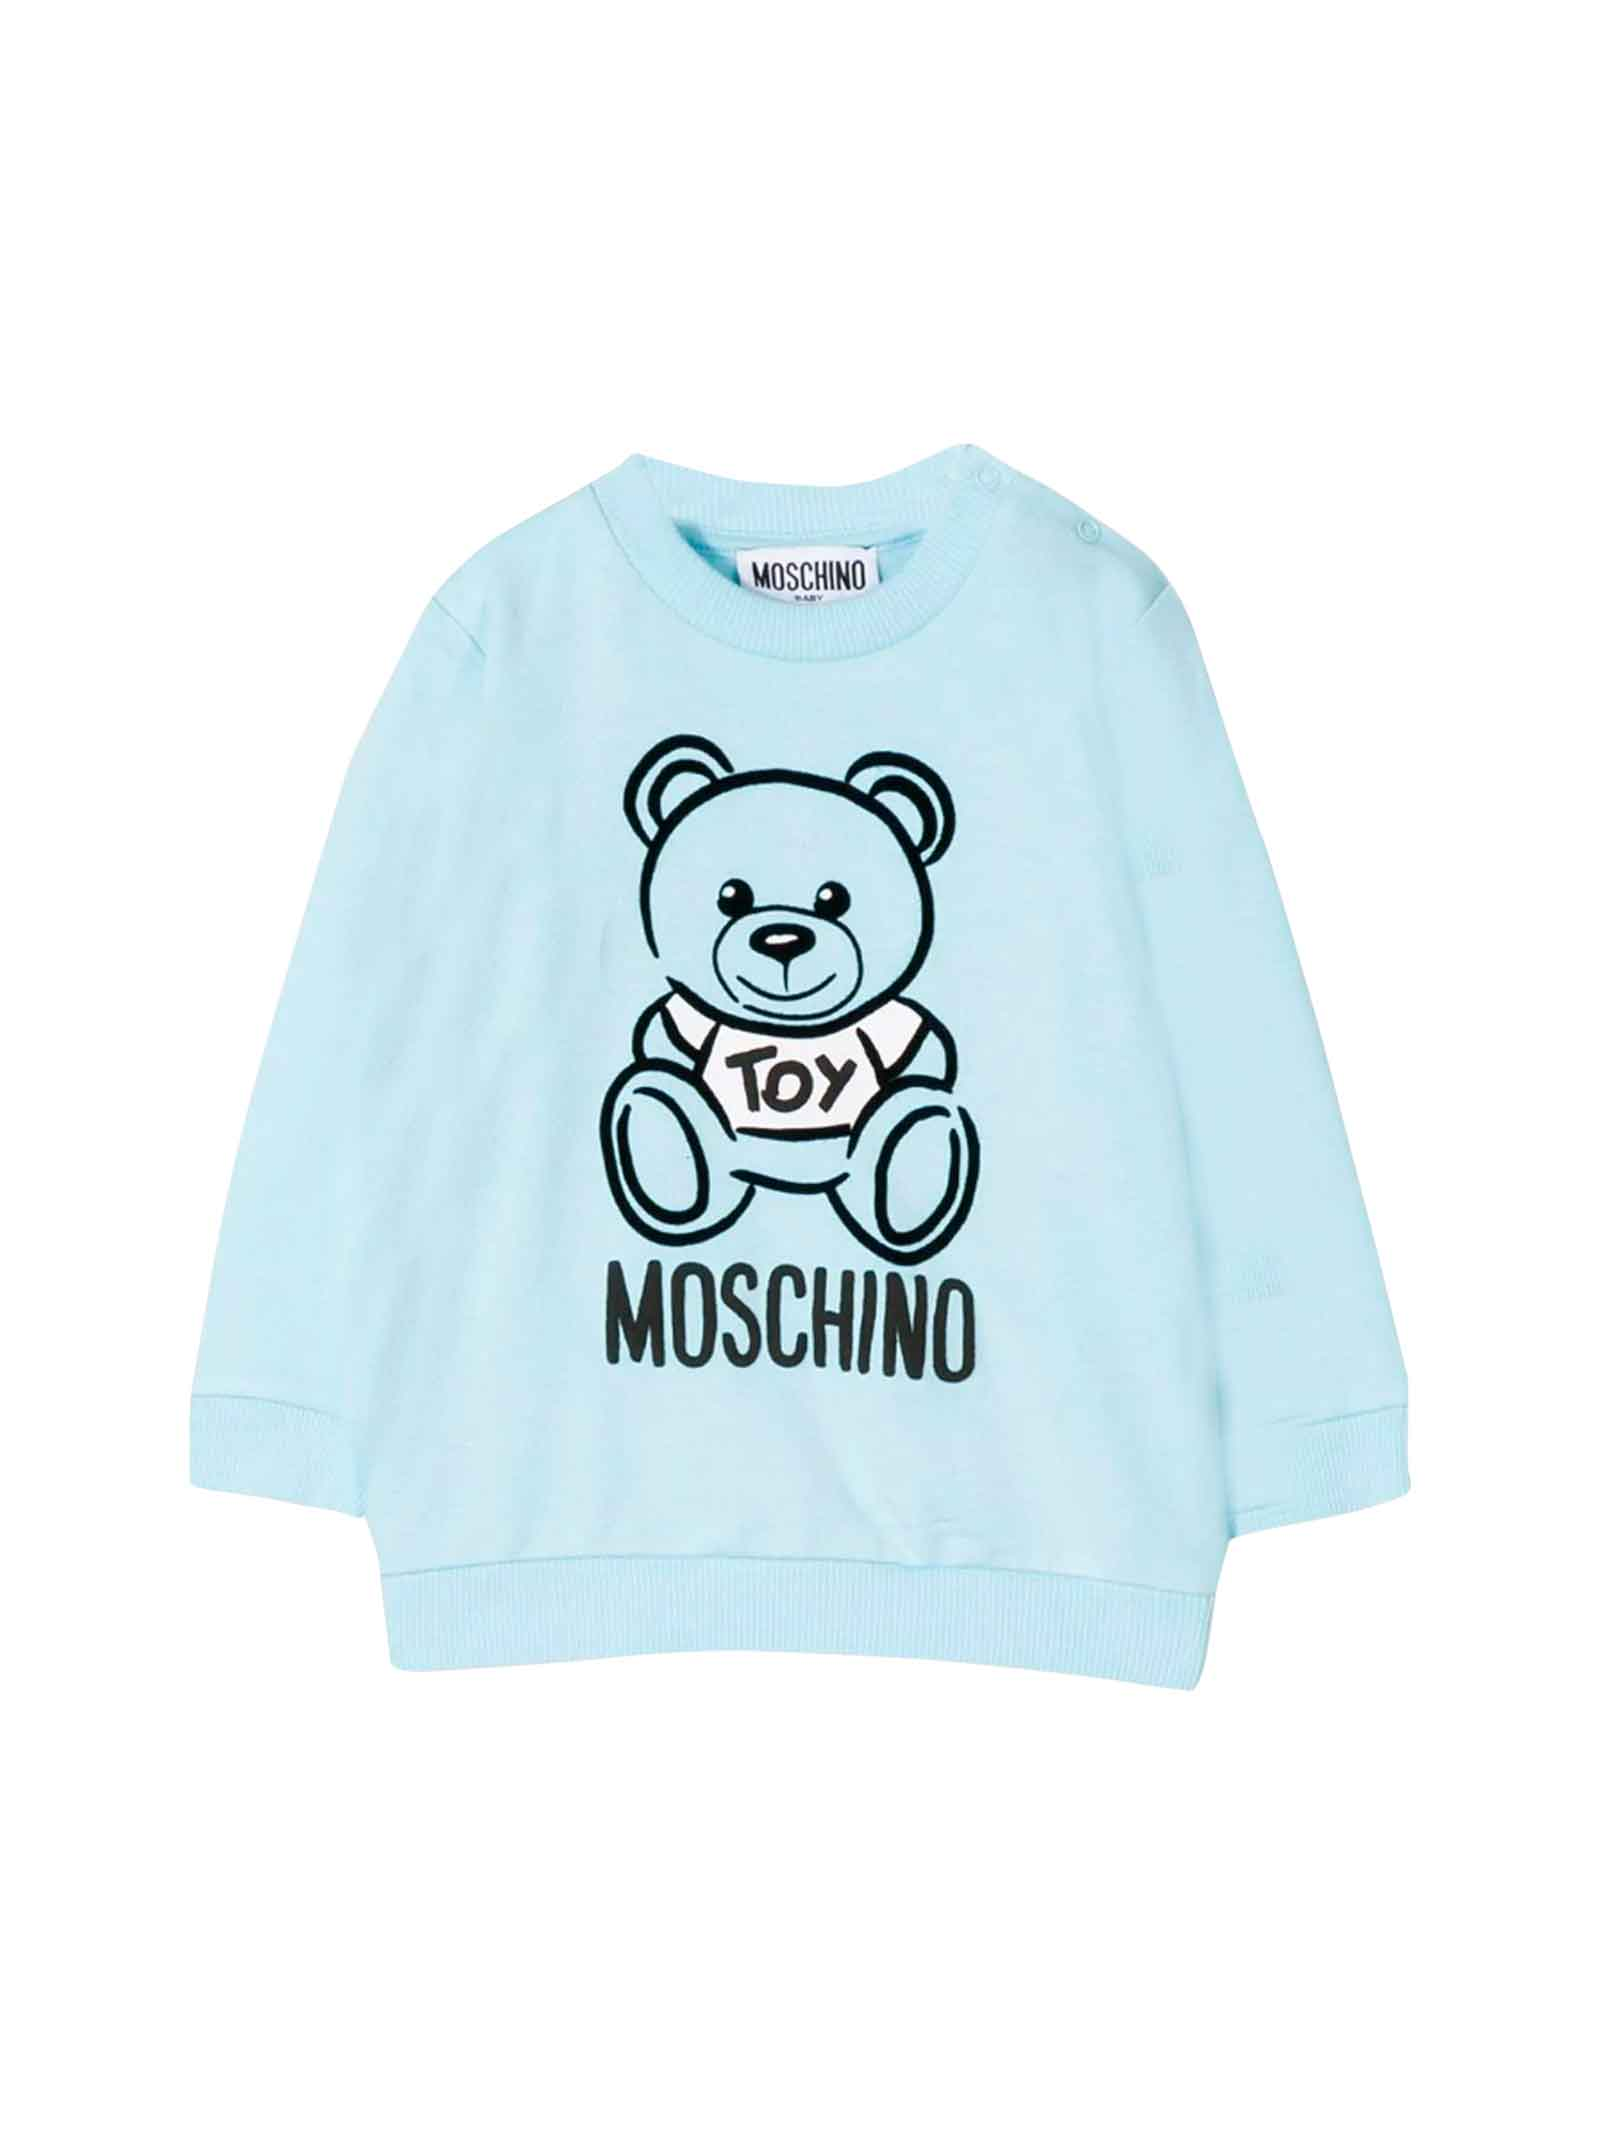 Moschino kids light blue sweatshirt  MOSCHINO KIDS | -108764232 | MRF02PLDA1740304